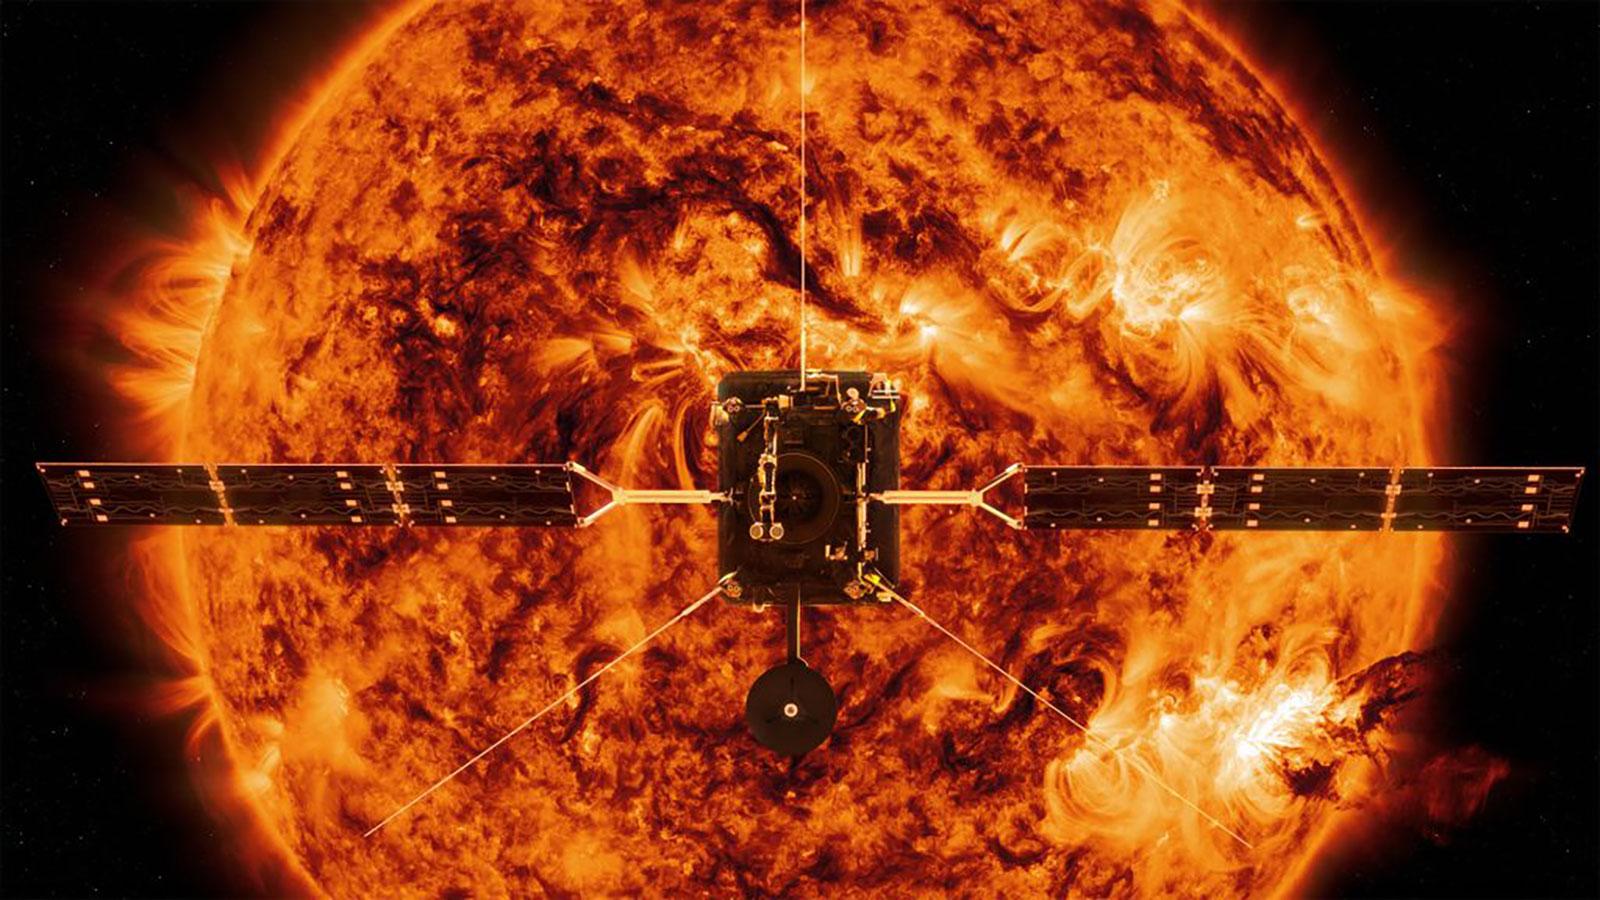 Cientistas identificaram pequenas 'fogueiras' próximas da superfície solar